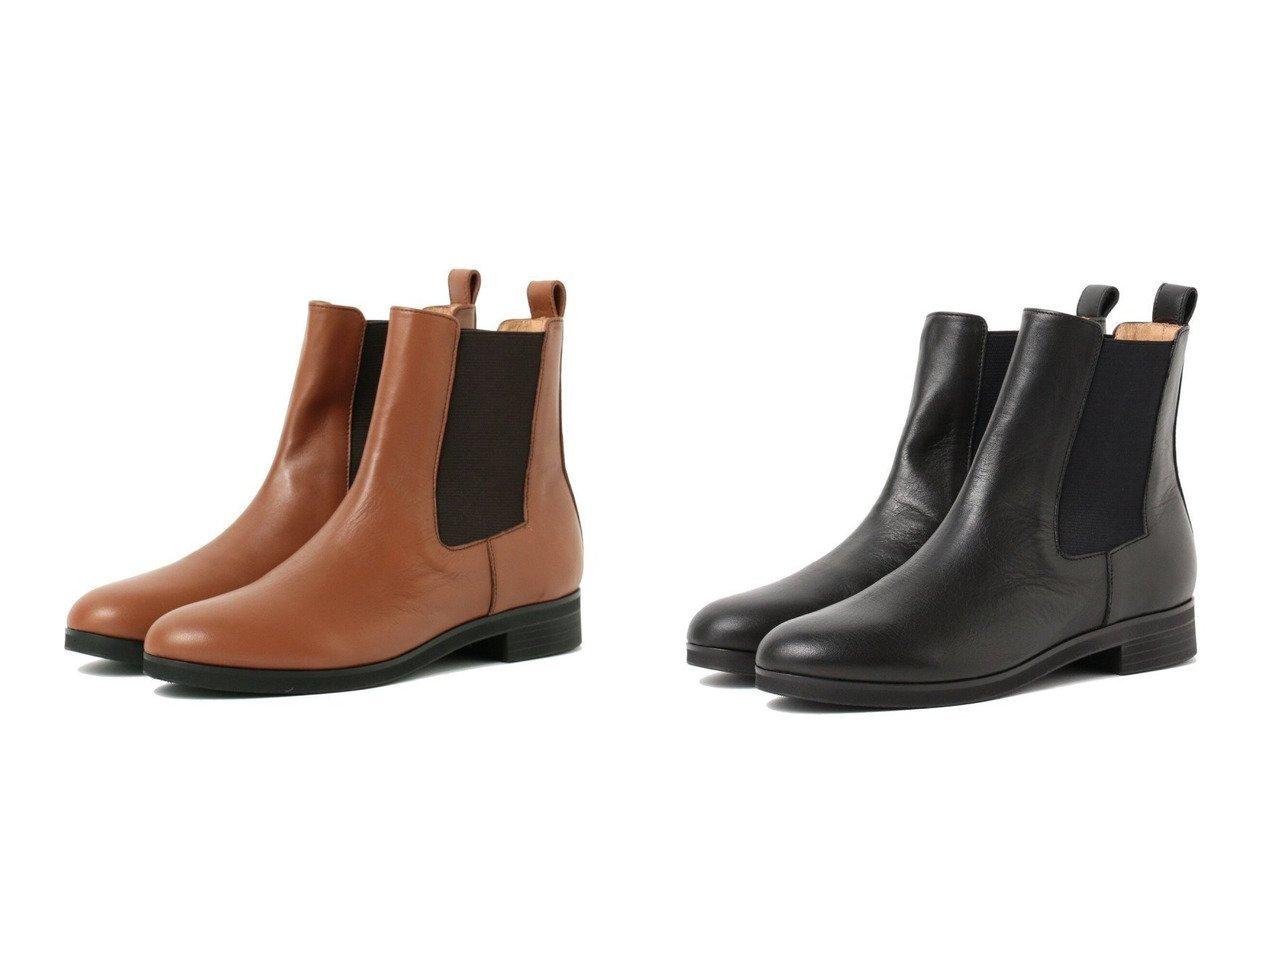 【Ray BEAMS/レイ ビームス】のサイドゴア ショートブーツ シューズ・靴のおすすめ!人気、トレンド・レディースファッションの通販 おすすめで人気の流行・トレンド、ファッションの通販商品 メンズファッション・キッズファッション・インテリア・家具・レディースファッション・服の通販 founy(ファニー) https://founy.com/ ファッション Fashion レディースファッション WOMEN A/W 秋冬 AW Autumn/Winter / FW Fall-Winter シューズ ショート バランス ベーシック  ID:crp329100000014685